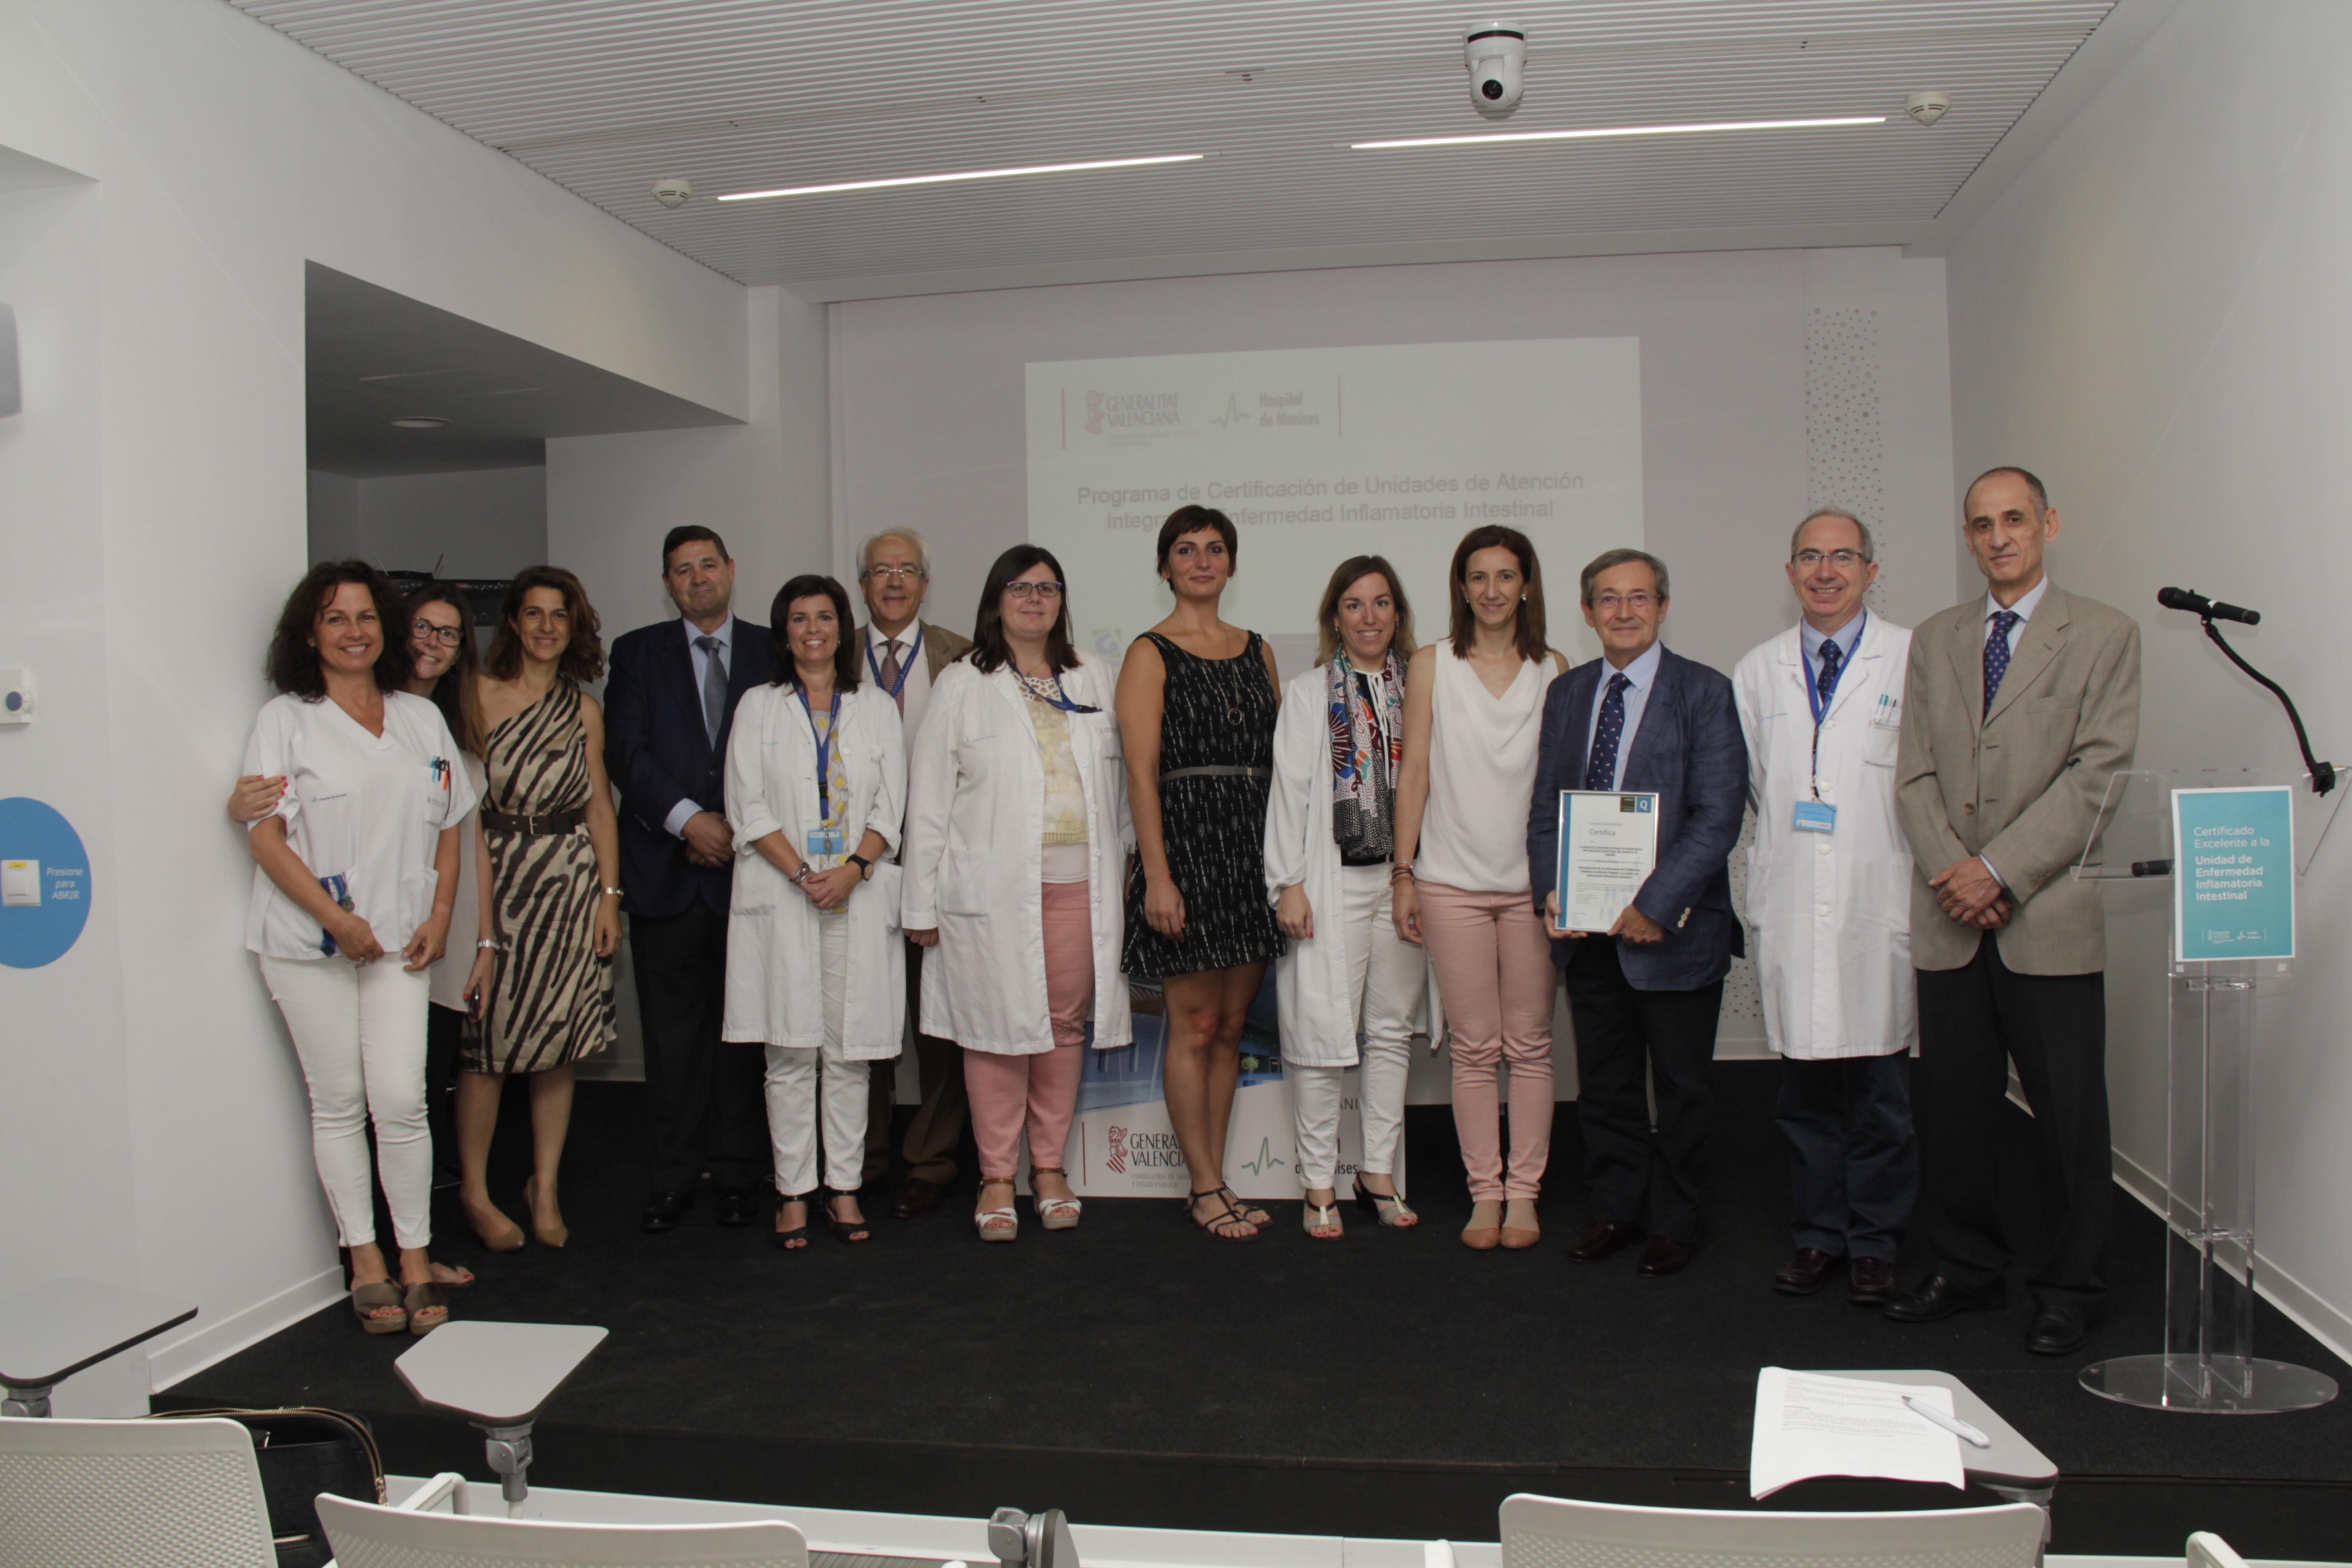 El reconocimiento ha llegado tras haber superado una exhaustiva evaluación de la Fundación Ad Qualitatem realizada con los indicadores del Grupo Español de Trabajo en Enfermedad de Crohn y Colitis Ulcerosa.